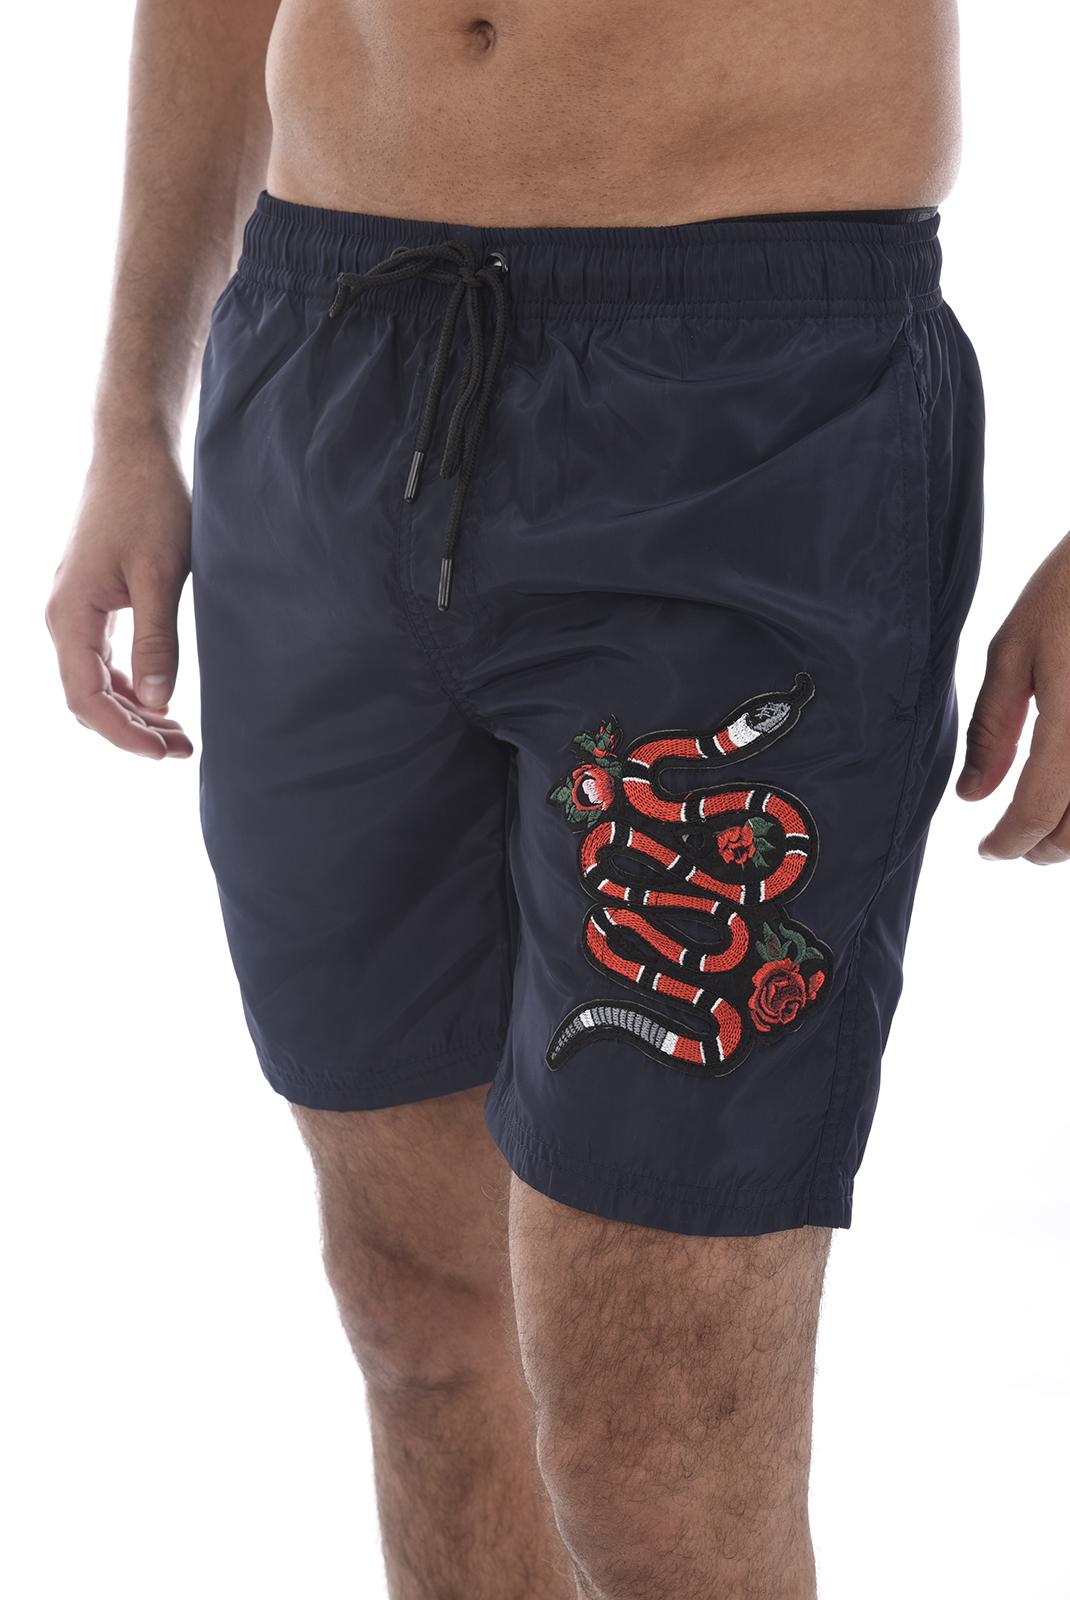 Shorts de bain  Hite couture ZOLIER BLEU